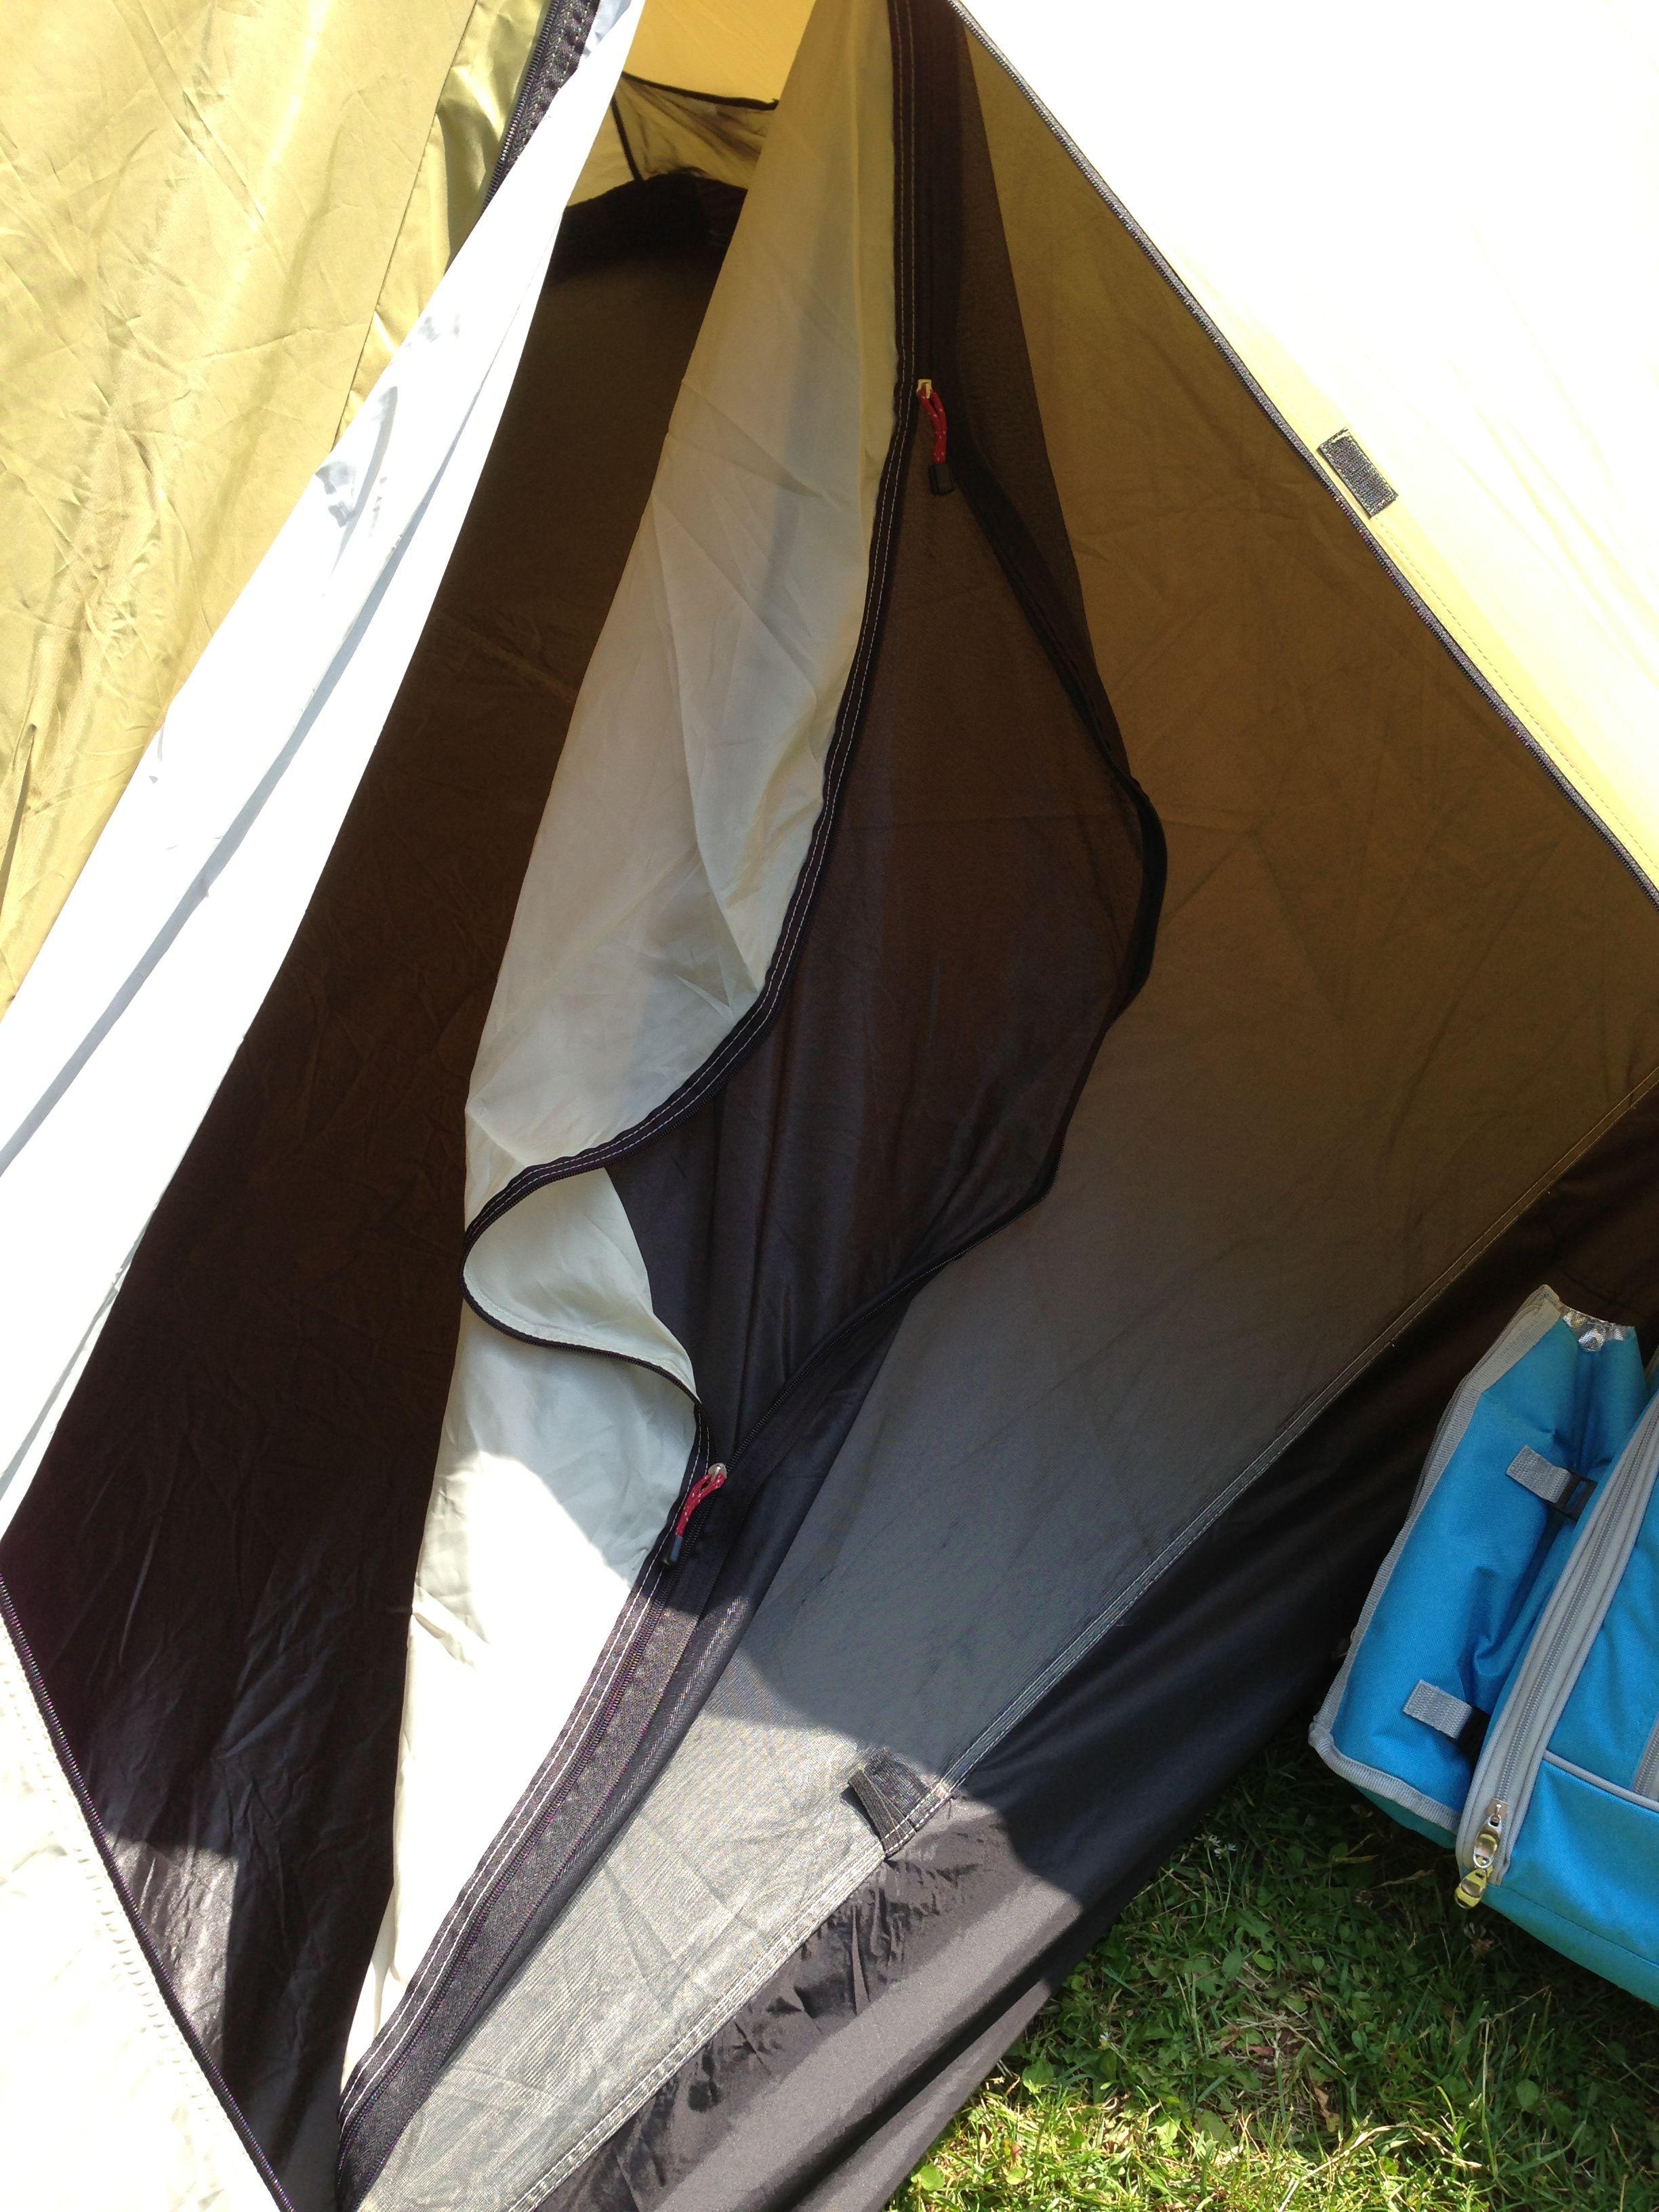 Moskitonetz: Schützt vor Wald- und Wiesenbewohnern. Dieses ist bei vielen Zelt-Modellen bereits im Zelteingang installiert (im Bild: schwarzes Netz). Die weiße Schicht schützt im Sommer vor Wärme und im Winter vor Kälte.